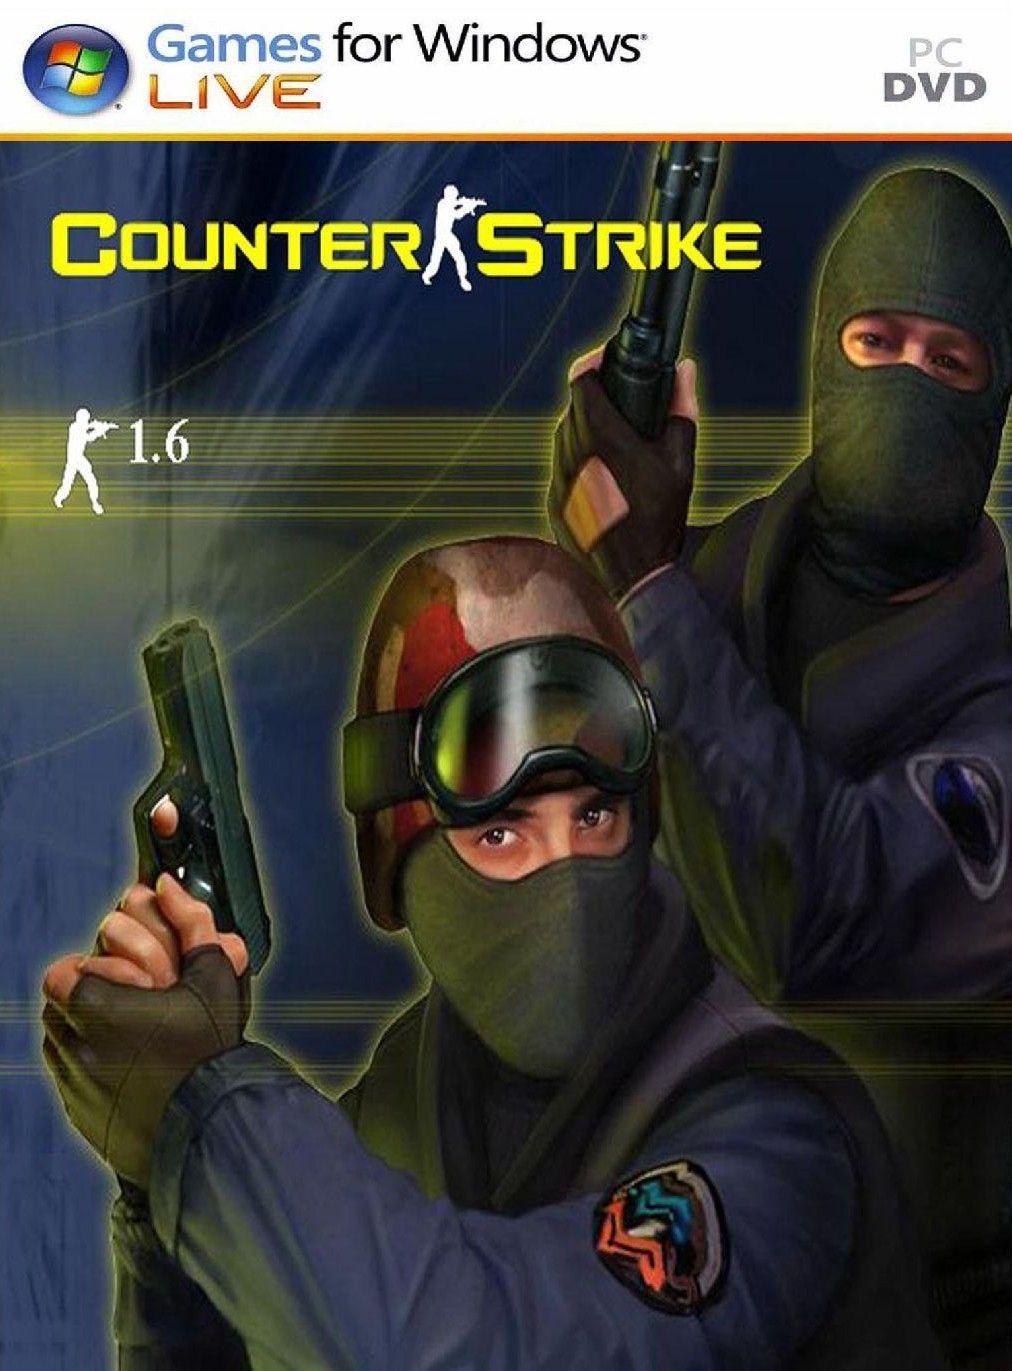 CounterStrike 1.6 Oyun, Insan, Okuma